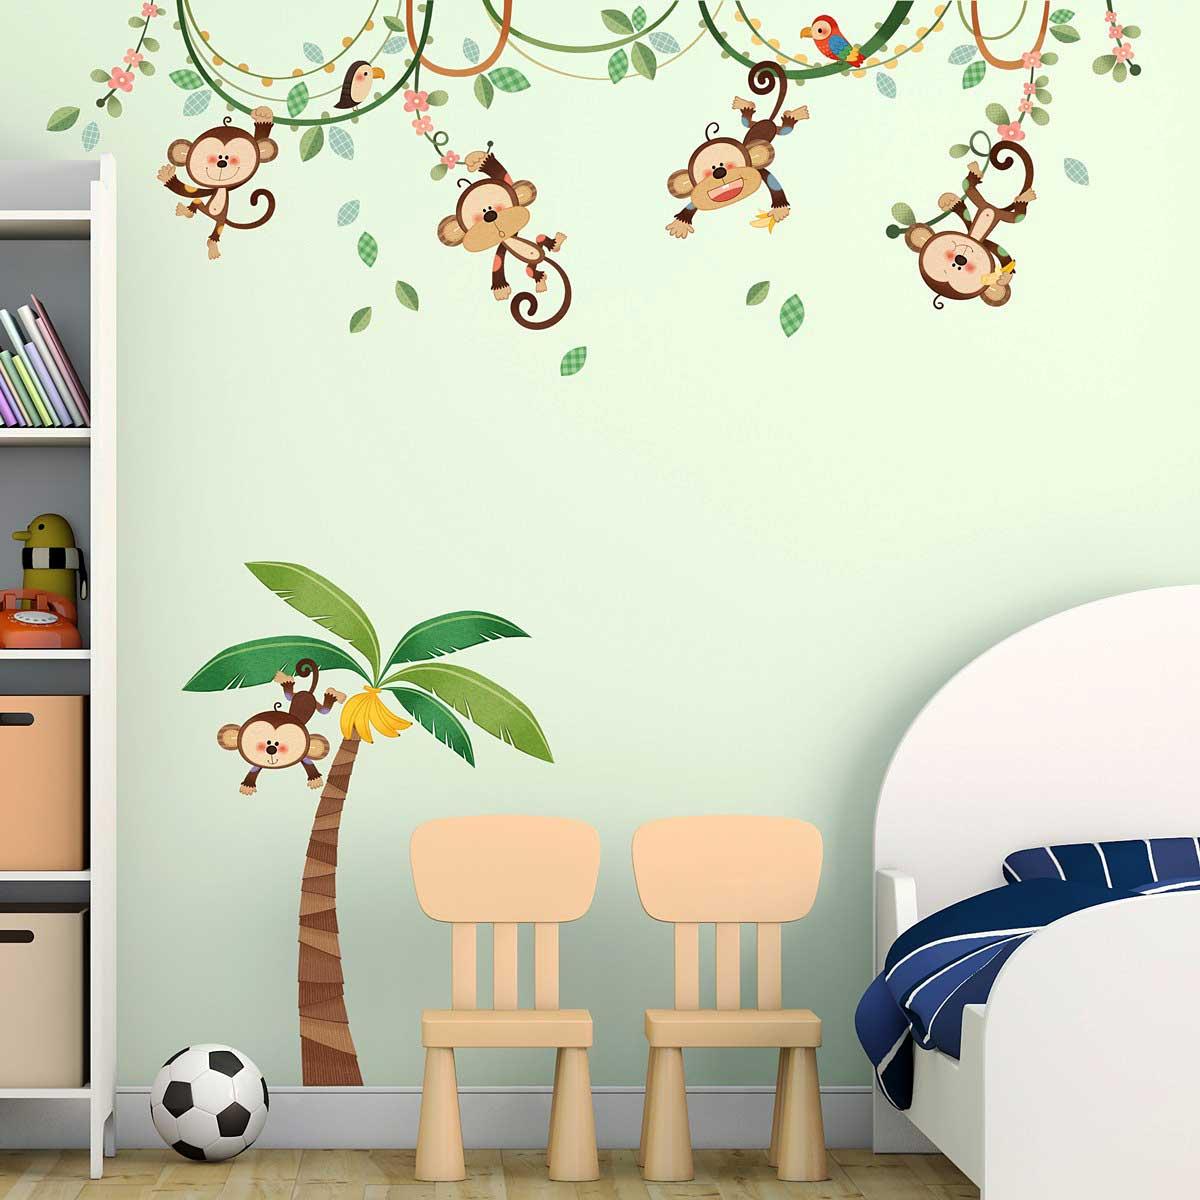 wandsticker kinderzimmer junge kinderzimmer junge 55. Black Bedroom Furniture Sets. Home Design Ideas